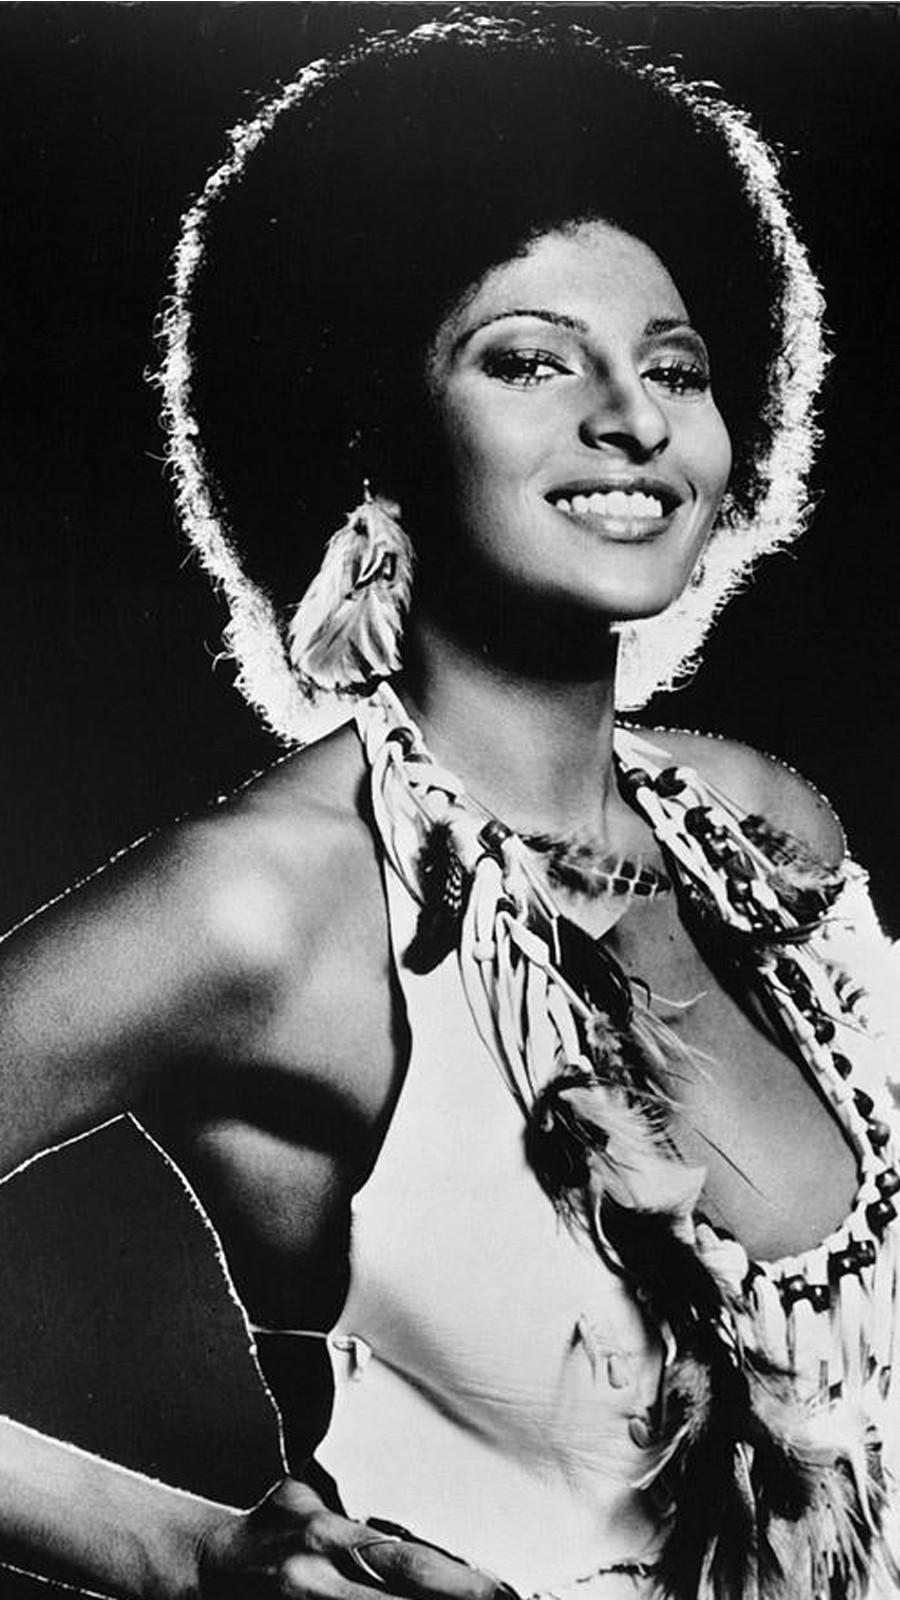 Pam Grier hatalmas és felejthetetlen afro frizurájával magabiztos női karaktereket alakított a 70-es évek blaxploitation filmjeiben.